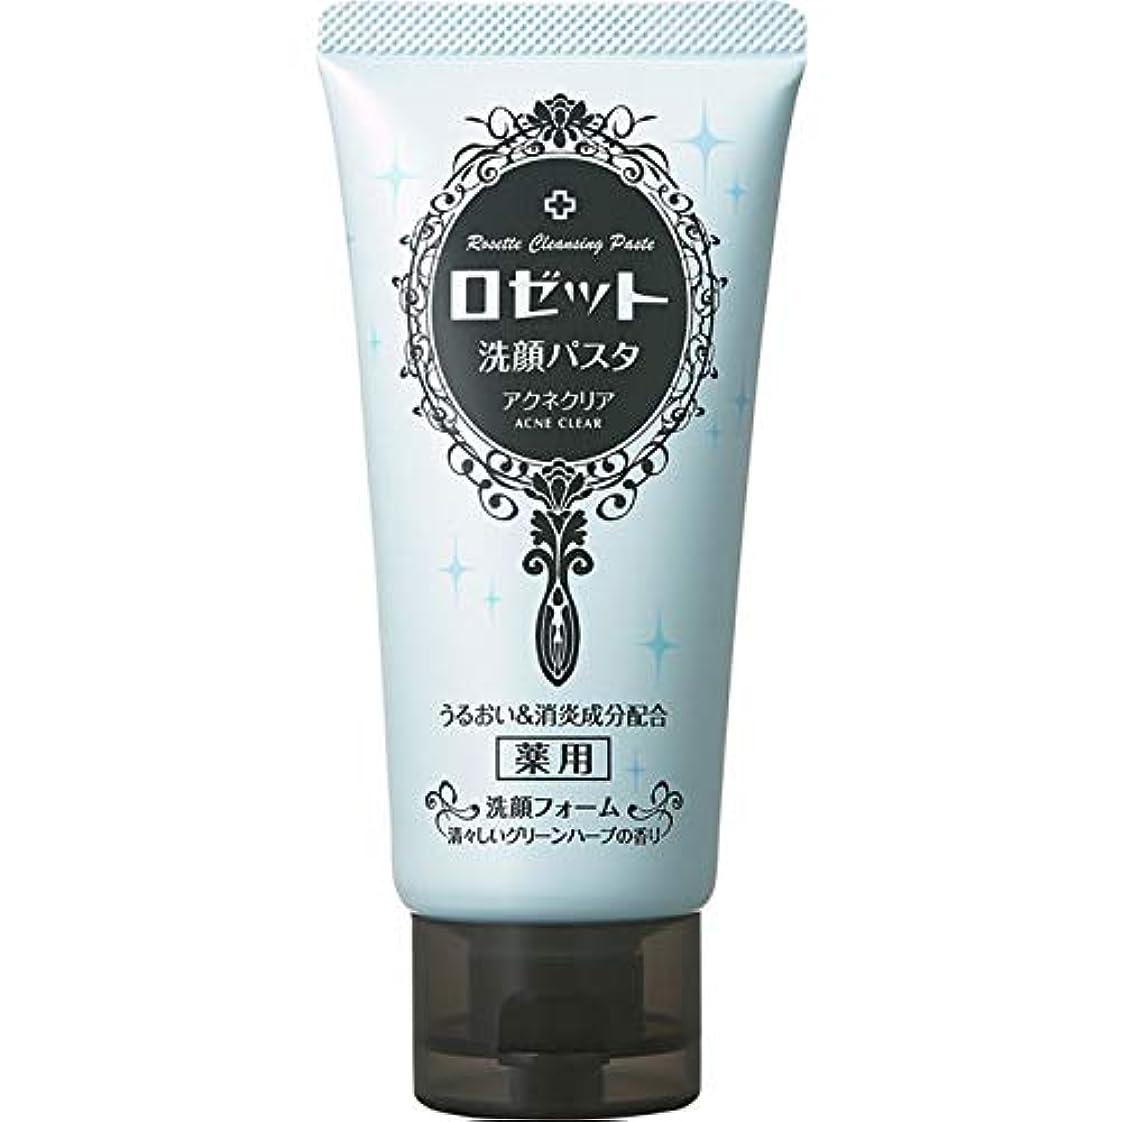 コントロールフレキシブル誰でもロゼット ロゼット洗顔パスタ アクネクリア 120g (医薬部外品)